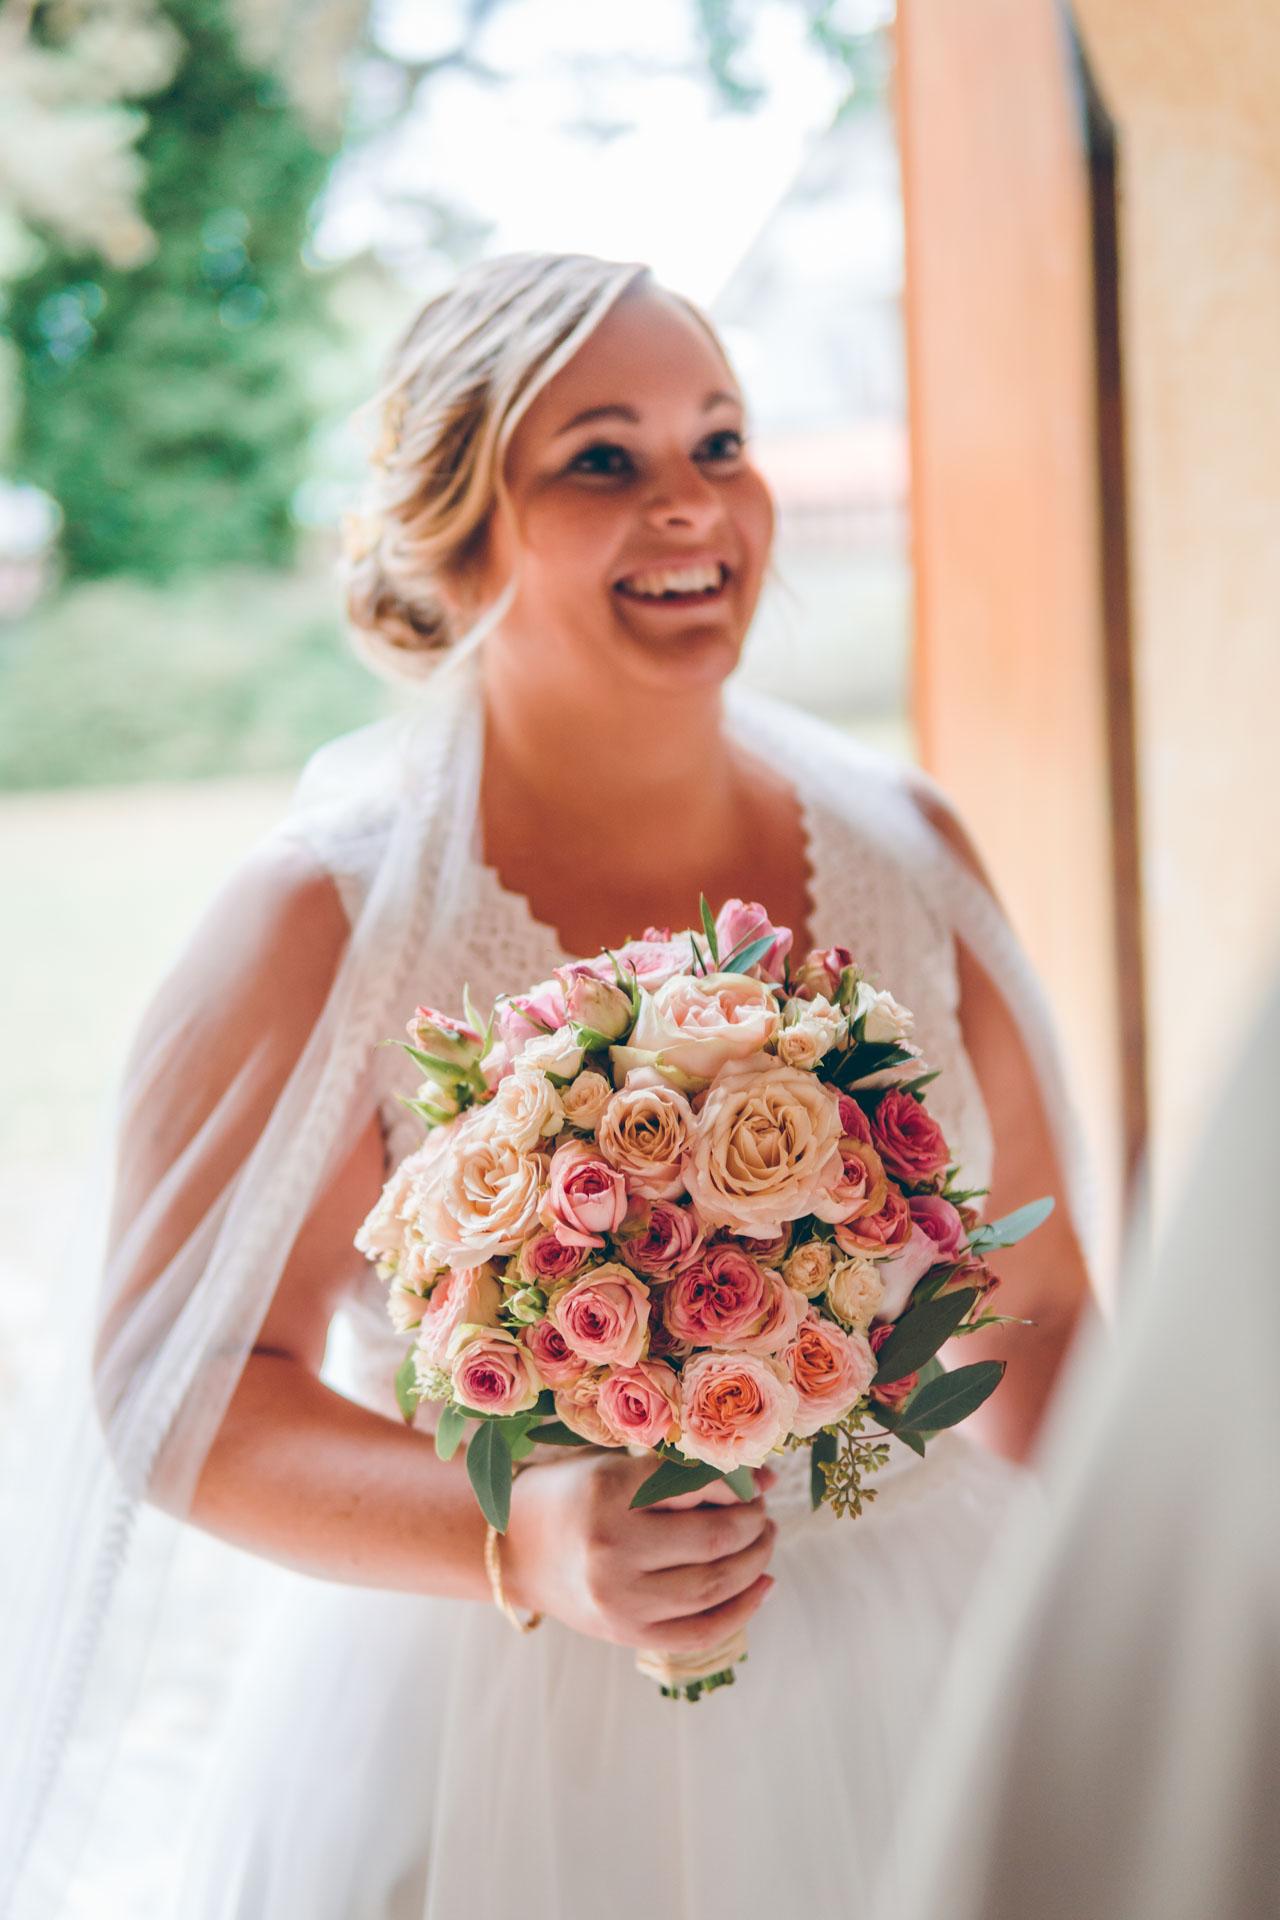 Hochzeitsstrauß und Braut auf Münchener Hochzeit